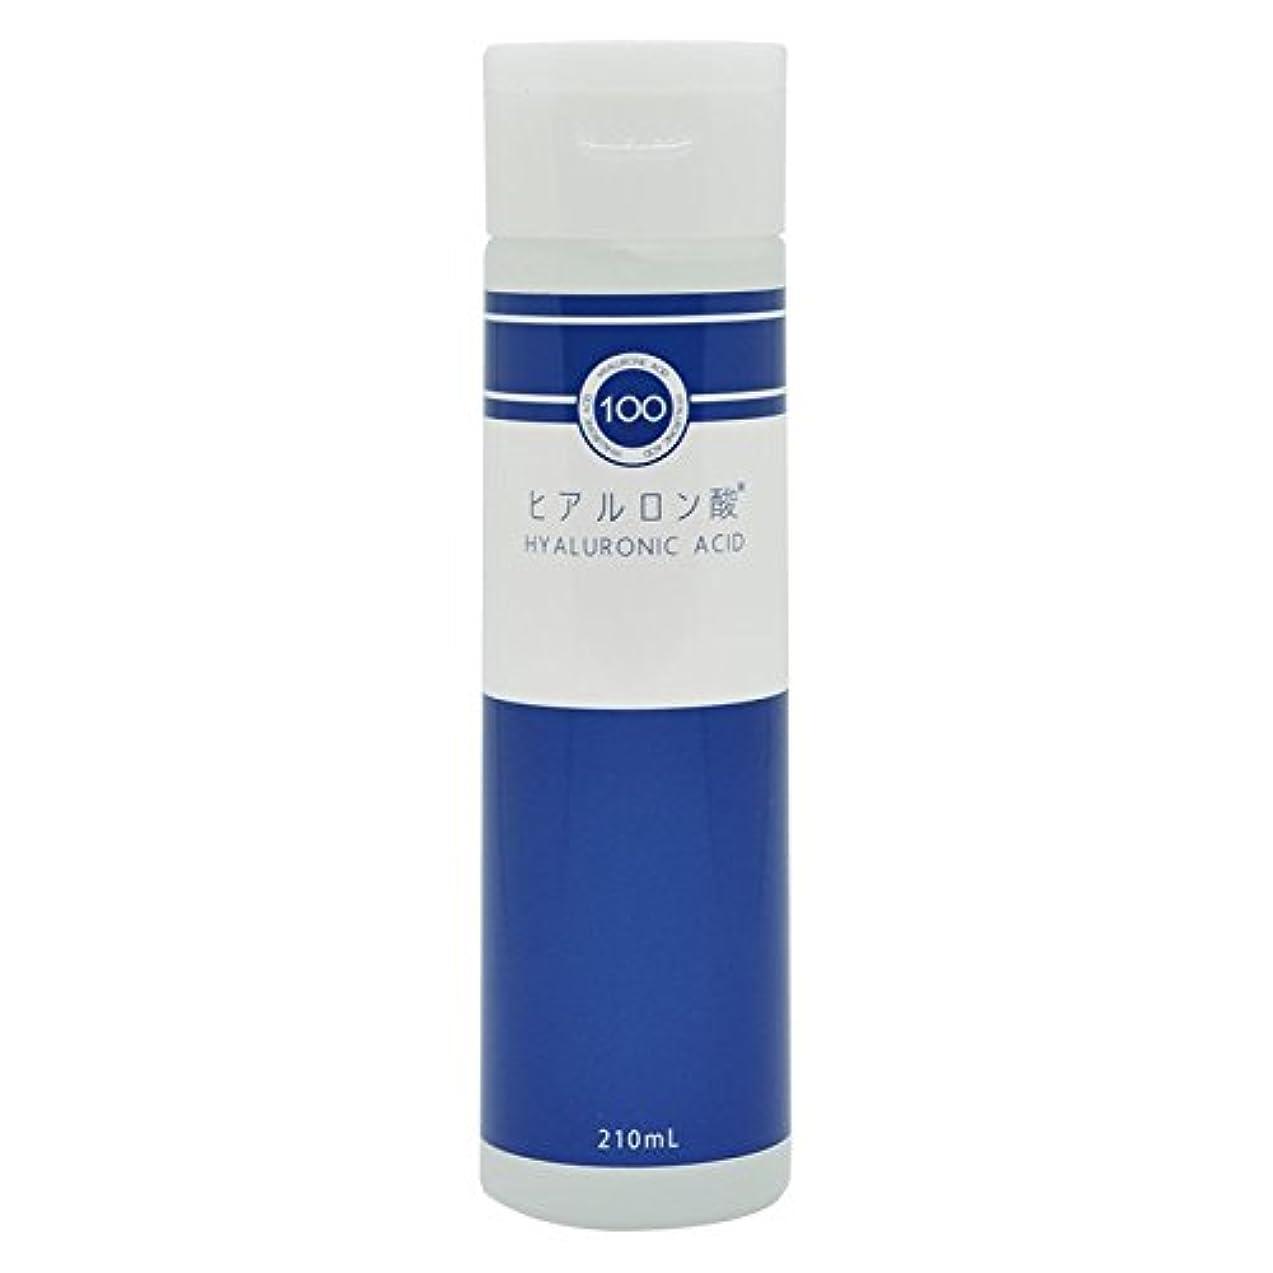 シェル理想的起きている日本製 高濃度ヒアルロン酸原液100% たっぷり 210ml 化粧水やシャンプーに混ぜて